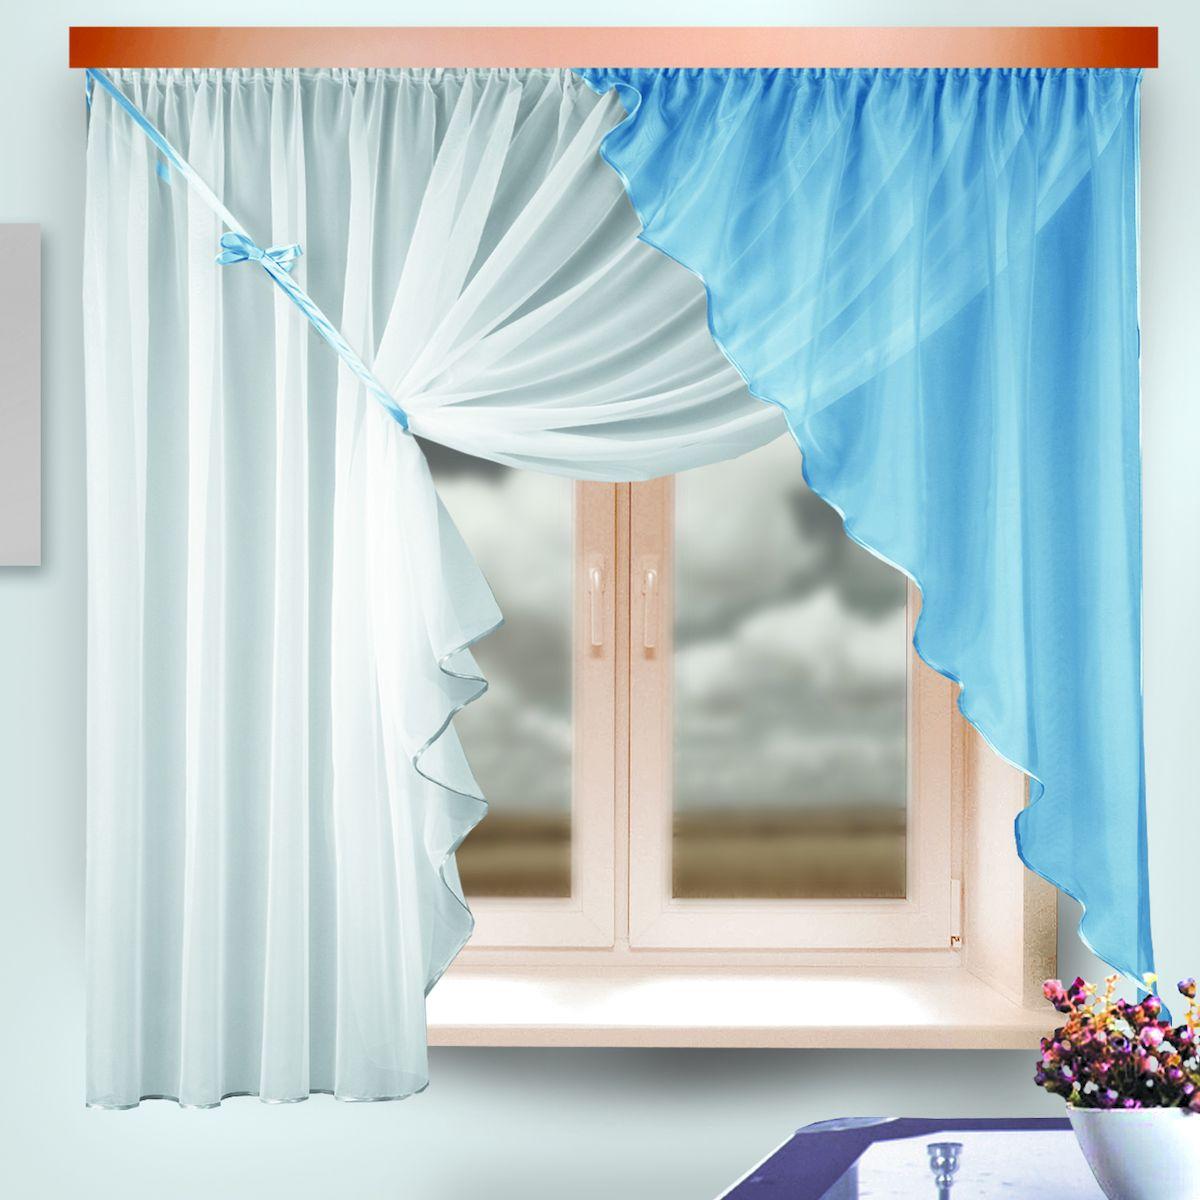 Комплект штор для кухни Zlata Korunka, на ленте, цвет: белый, голубой, высота 170 см. 333310333310Комплект штор для кухни Zlata Korunka, выполненный из полиэстера, великолепно украсит любое окно. Комплект состоит из ламбрекена и тюля. Оригинальный крой и приятная цветовая гамма привлекут к себе внимание и органично впишутся в интерьер помещения. Этот комплект будет долгое время радовать вас и вашу семью! Комплект крепится на карниз при помощи ленты, которая поможет красиво и равномерно задрапировать верх. В комплект входит: Ламбрекен: 1 шт. Размер (Ш х В): 142 х 170 см. Тюль: 1 шт. Размер (Ш х В): 290 х 170 см.